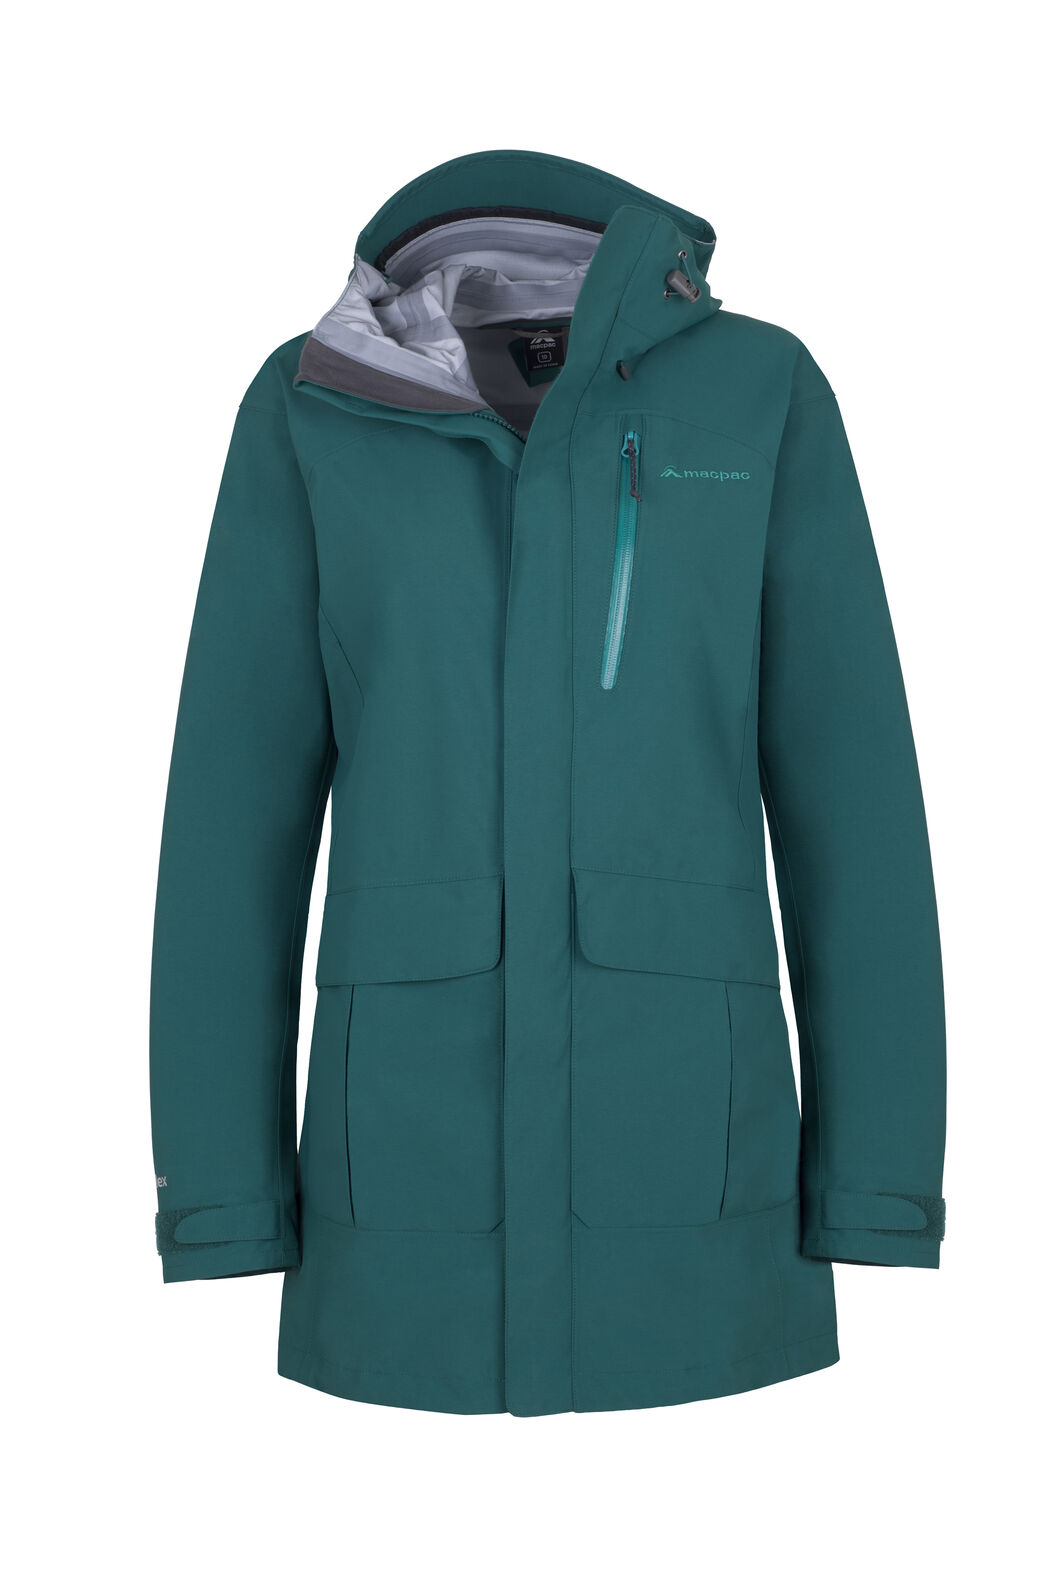 Macpac Copland Long Rain Jacket - Women's, Storm, hi-res